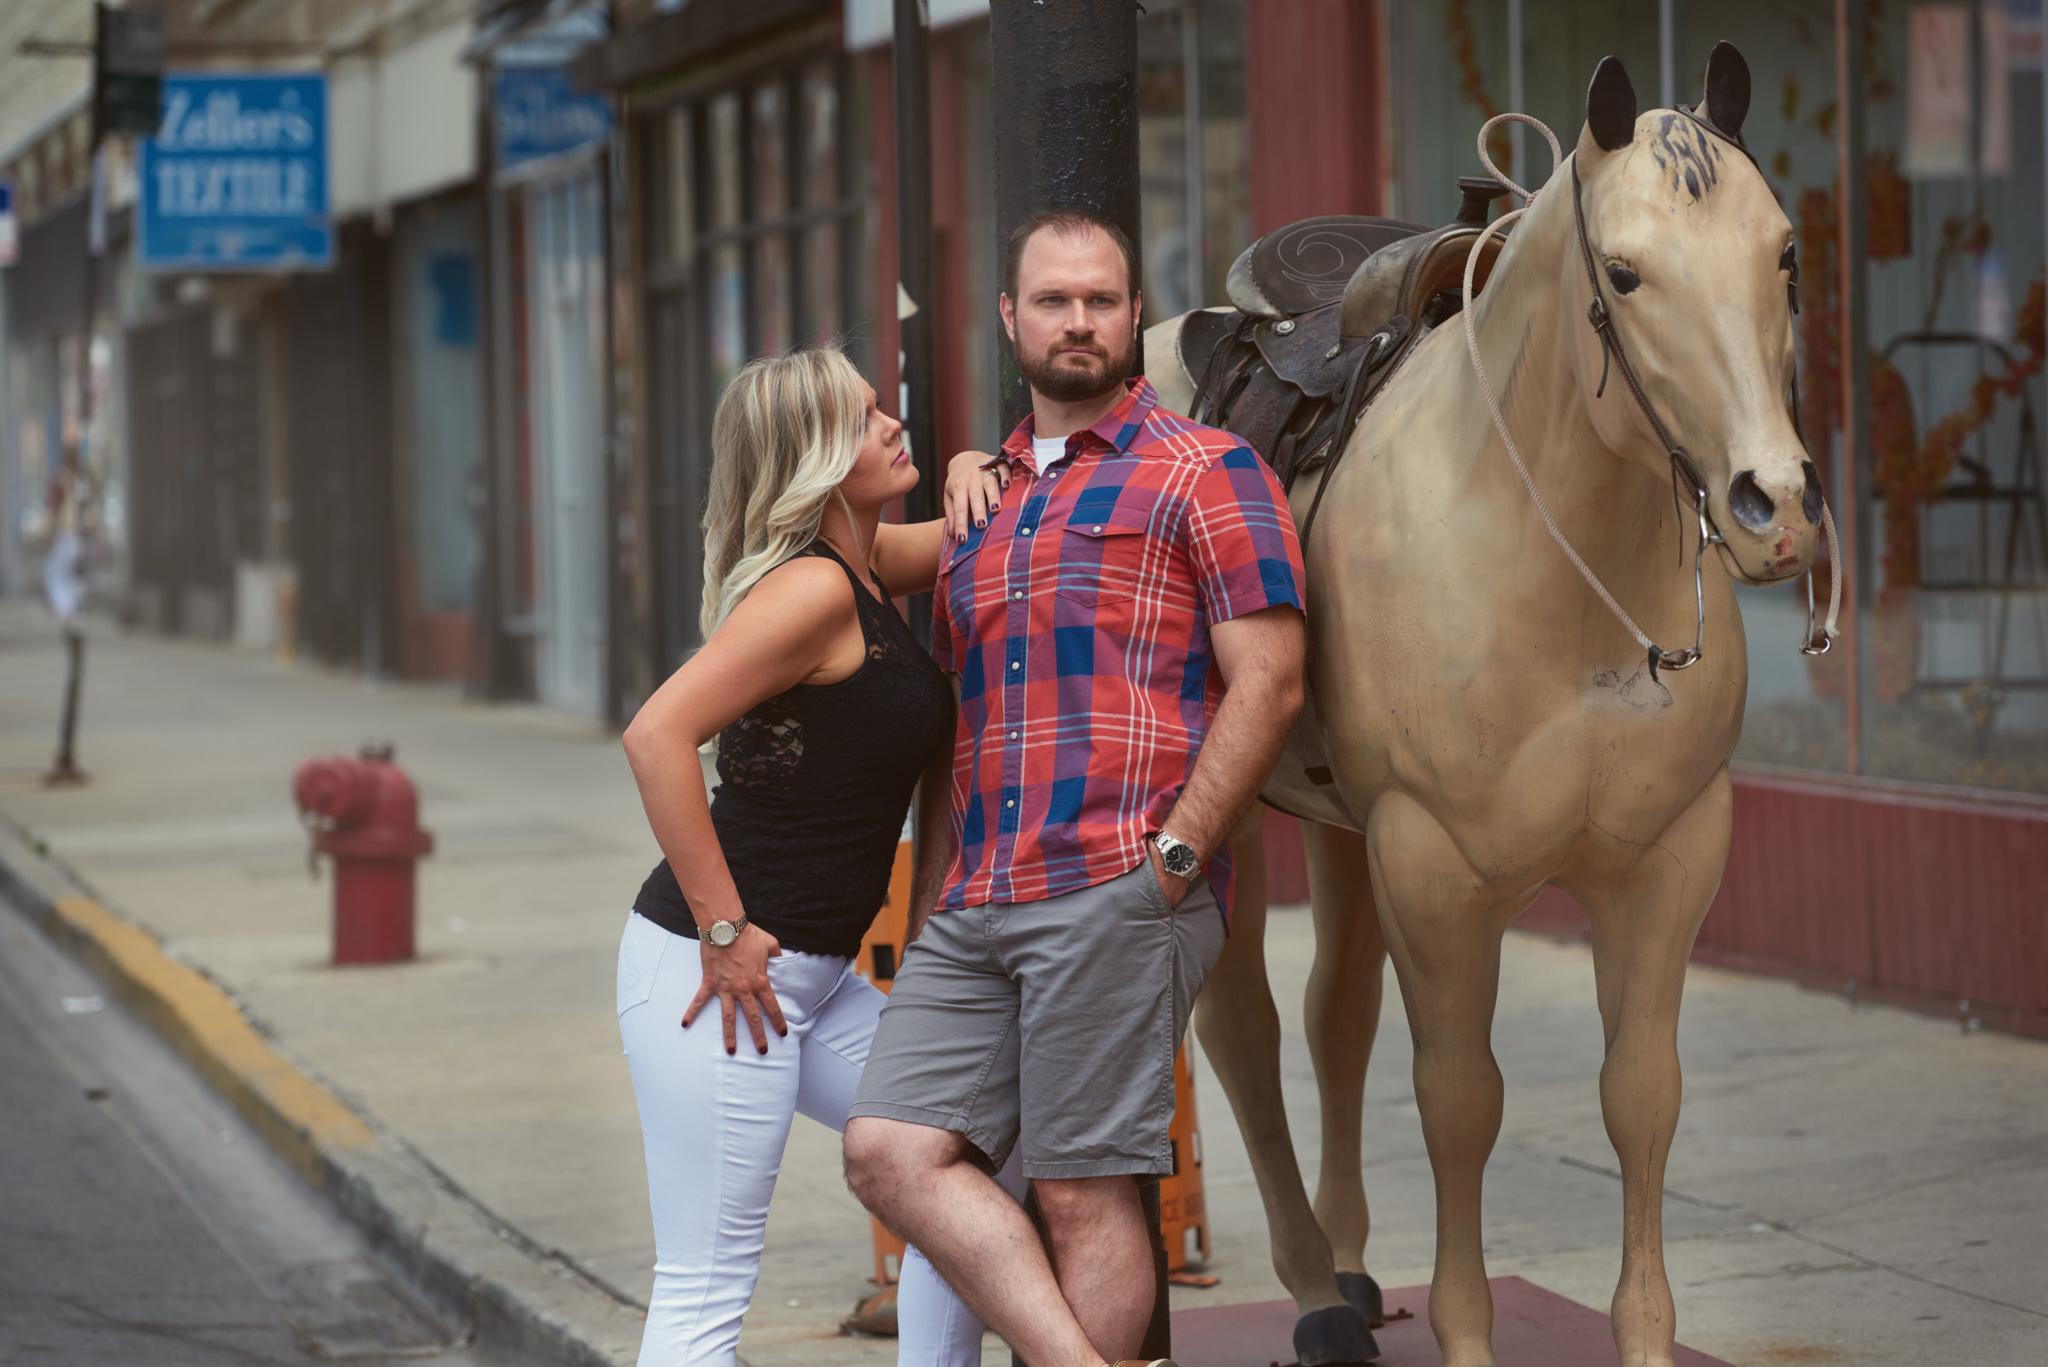 Aclalas Western Wear fake horse